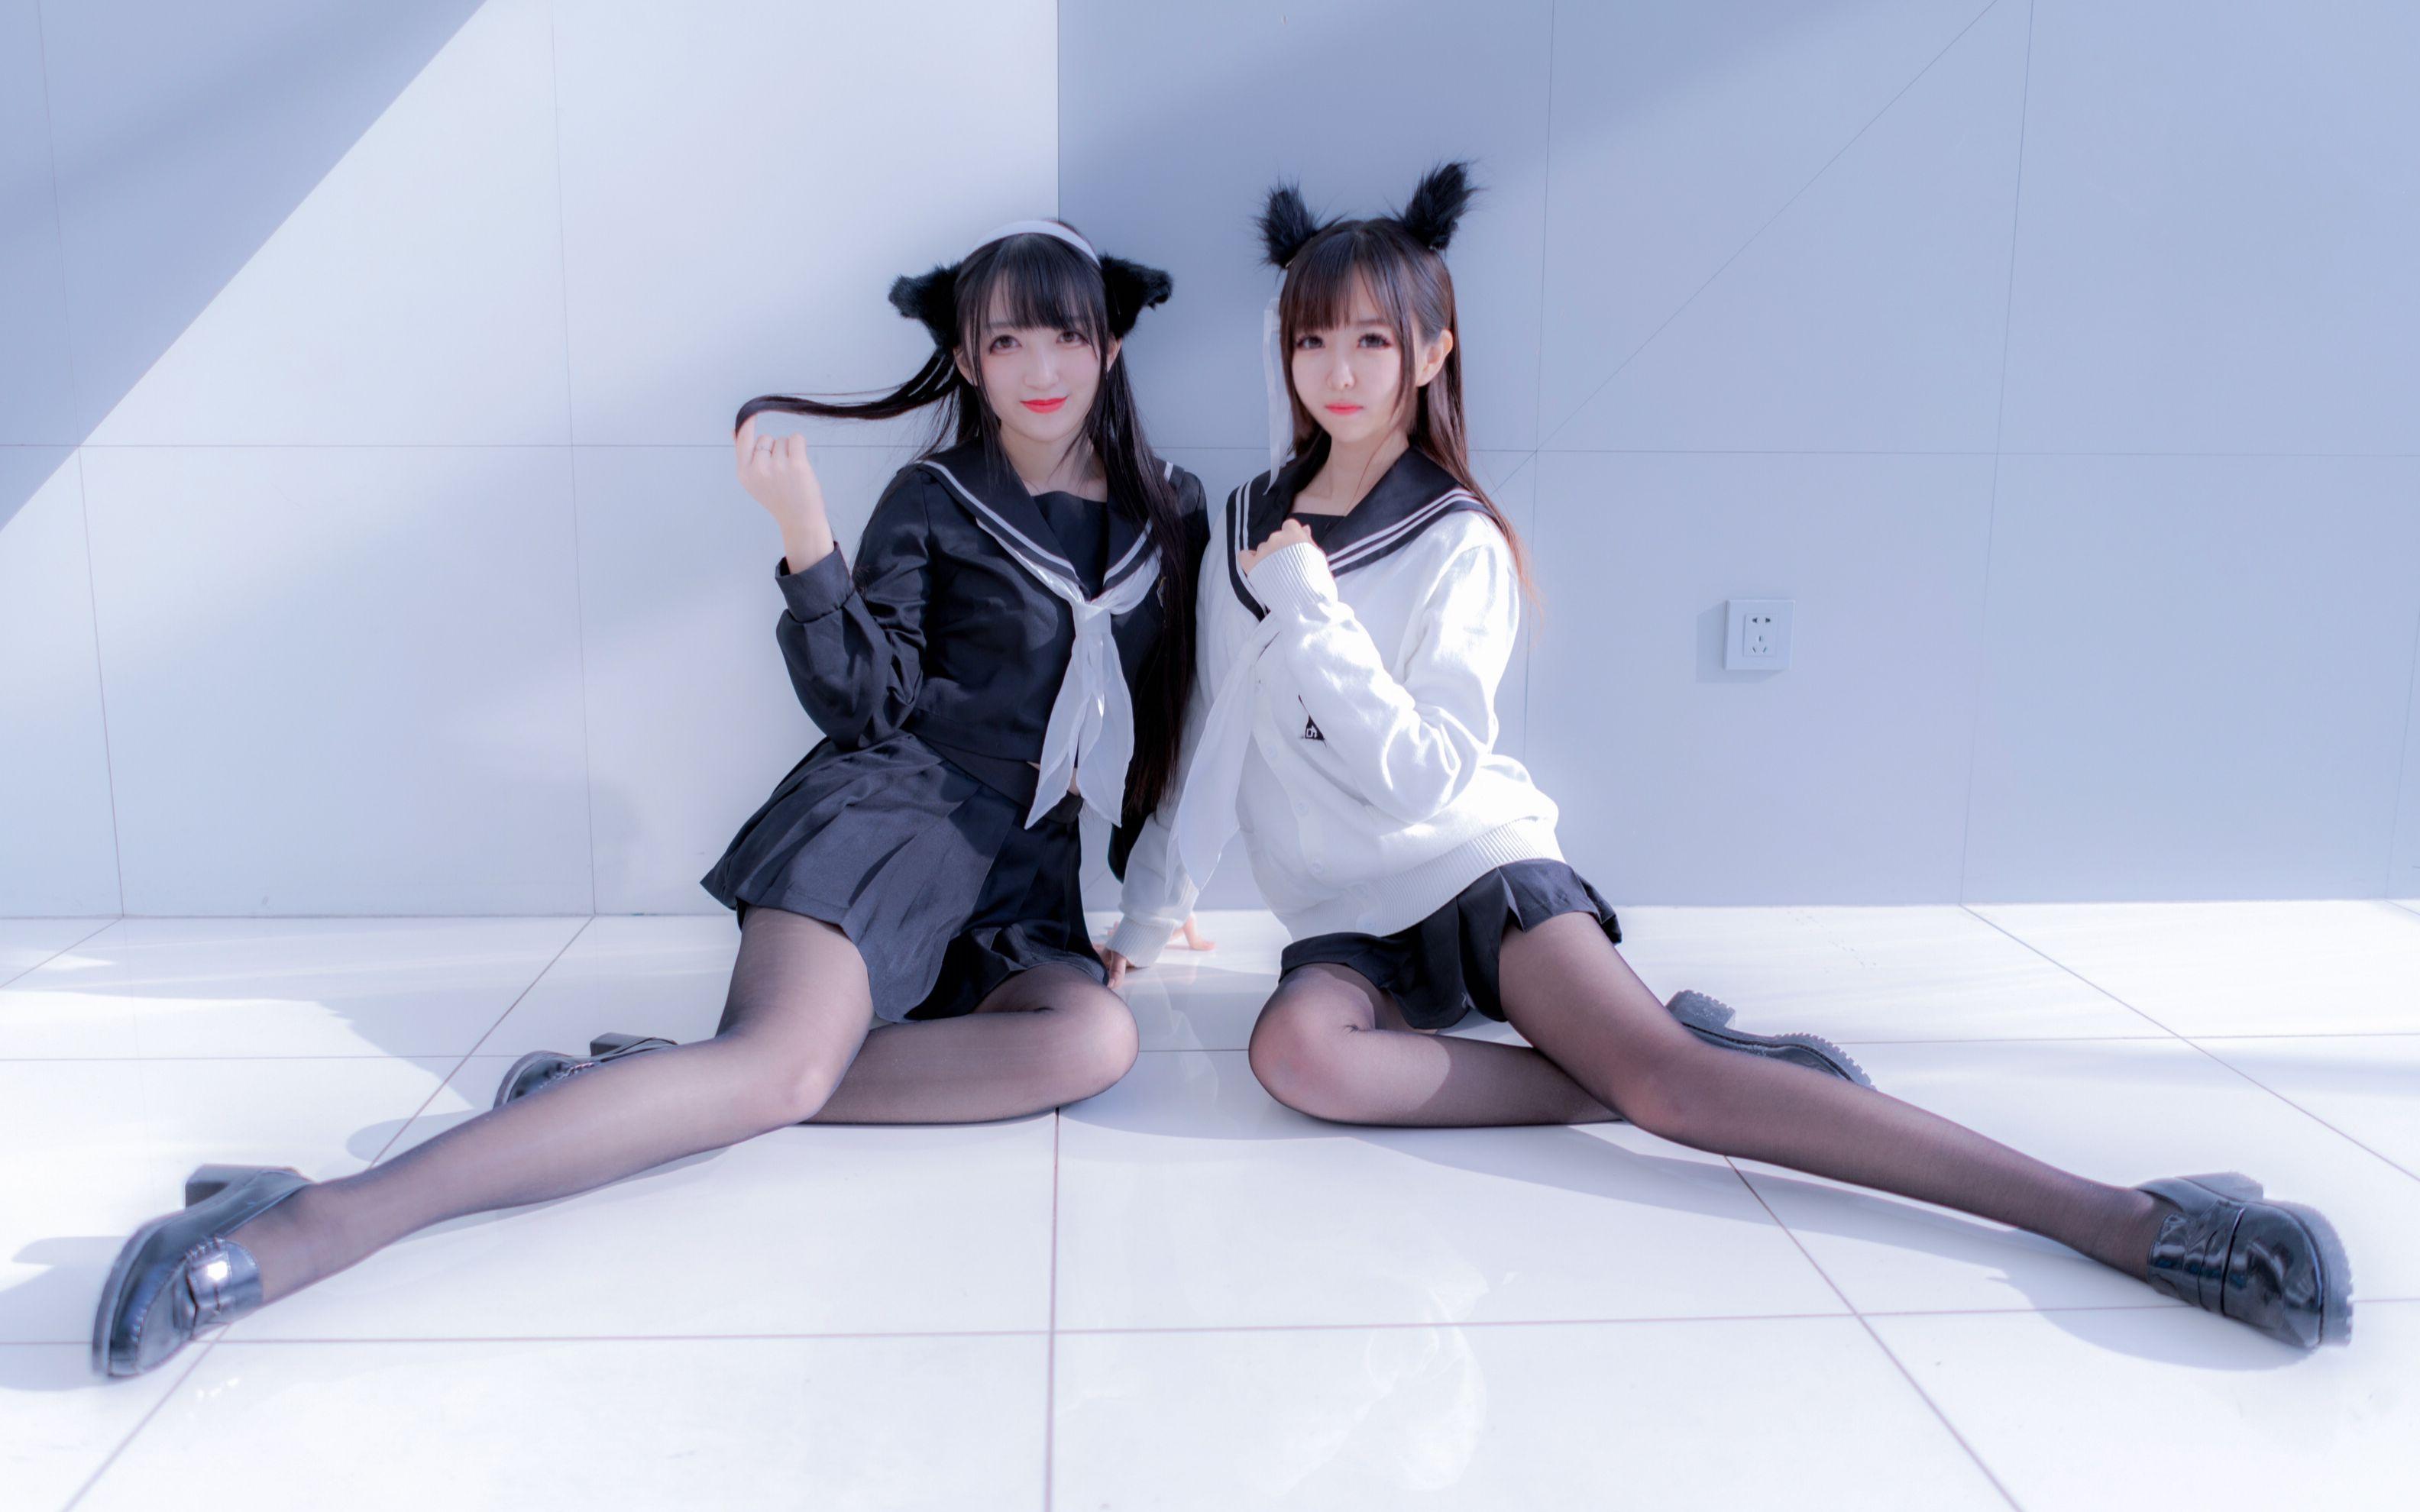 【西瓜新&白依】兔子舞 【结尾诶嘿嘿嘿~】